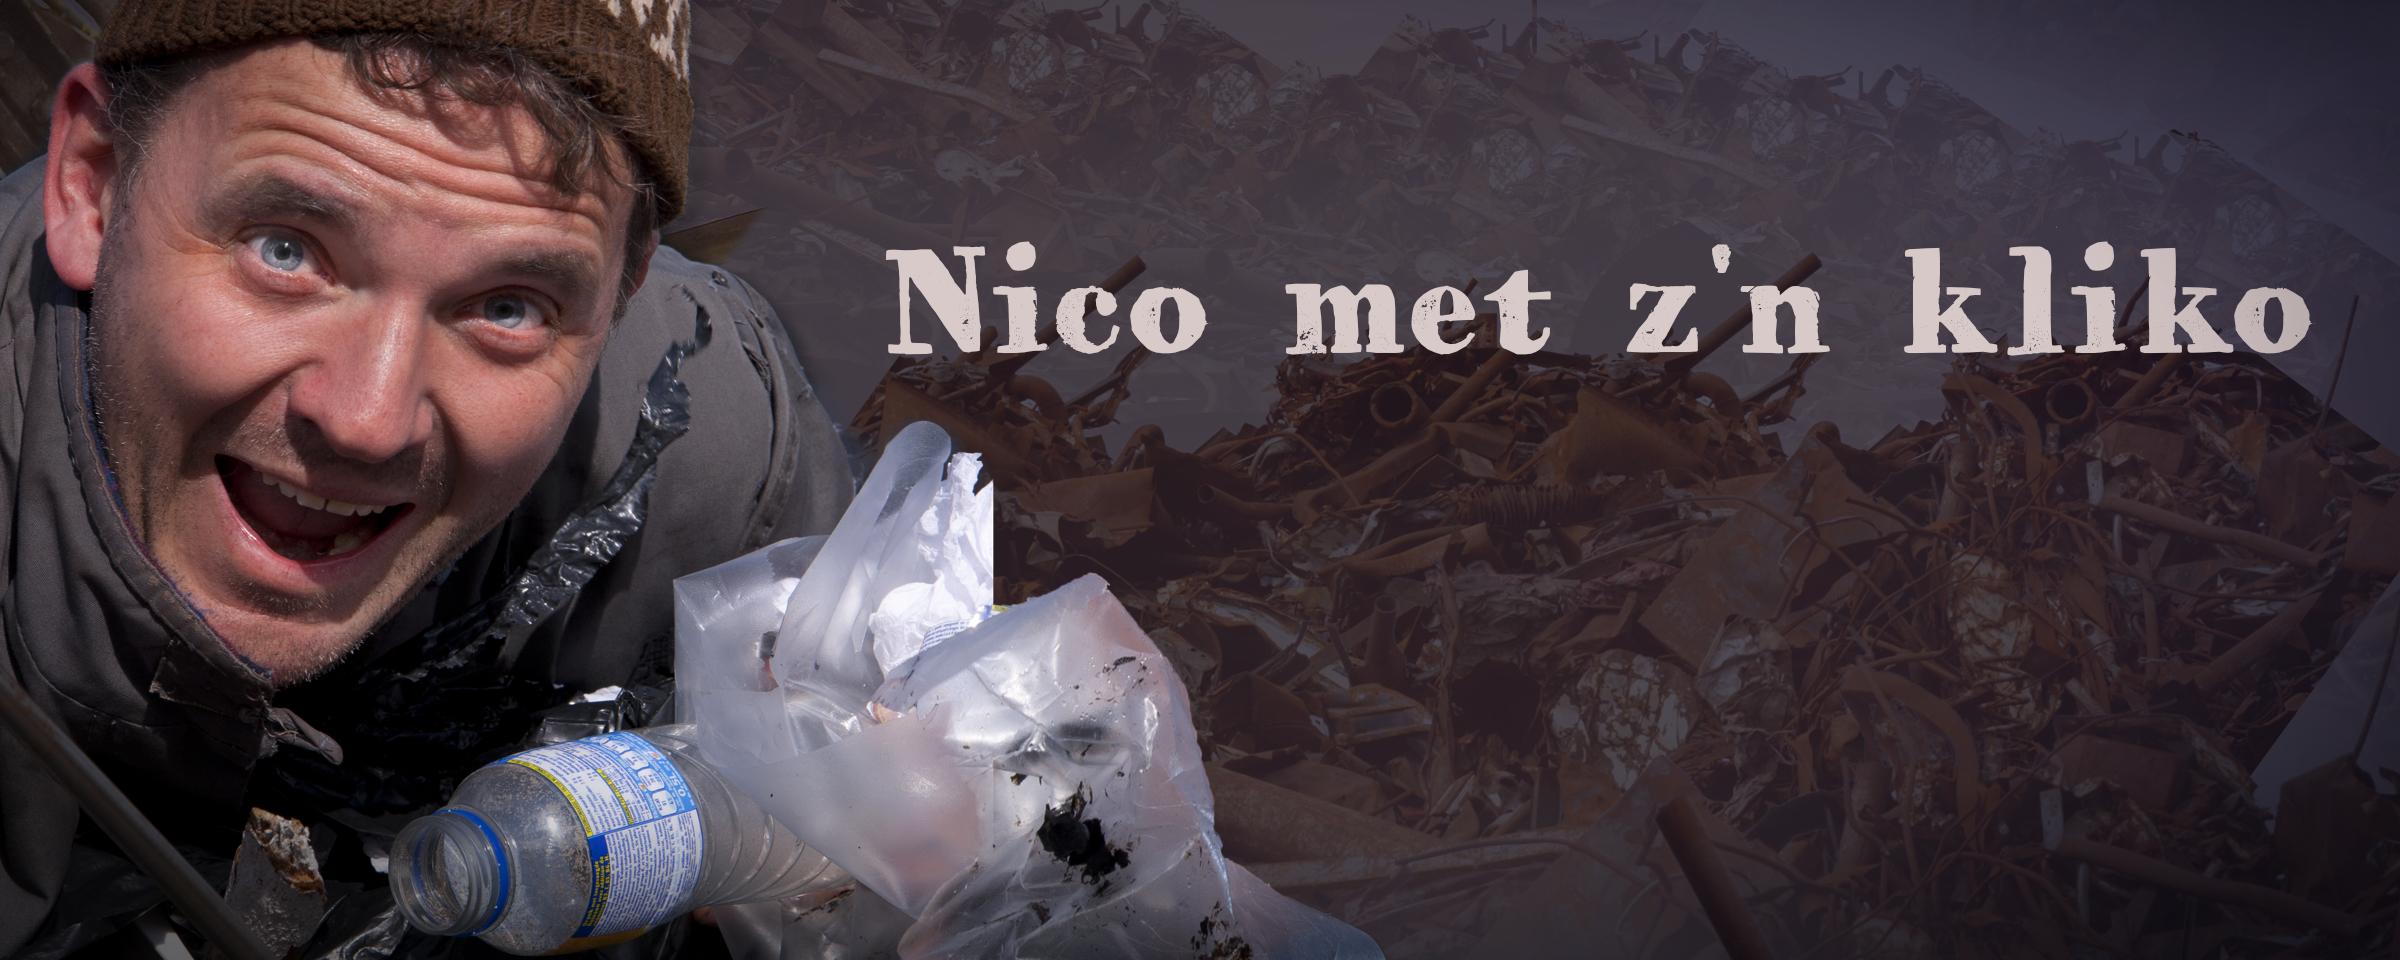 Nico met zn kliko